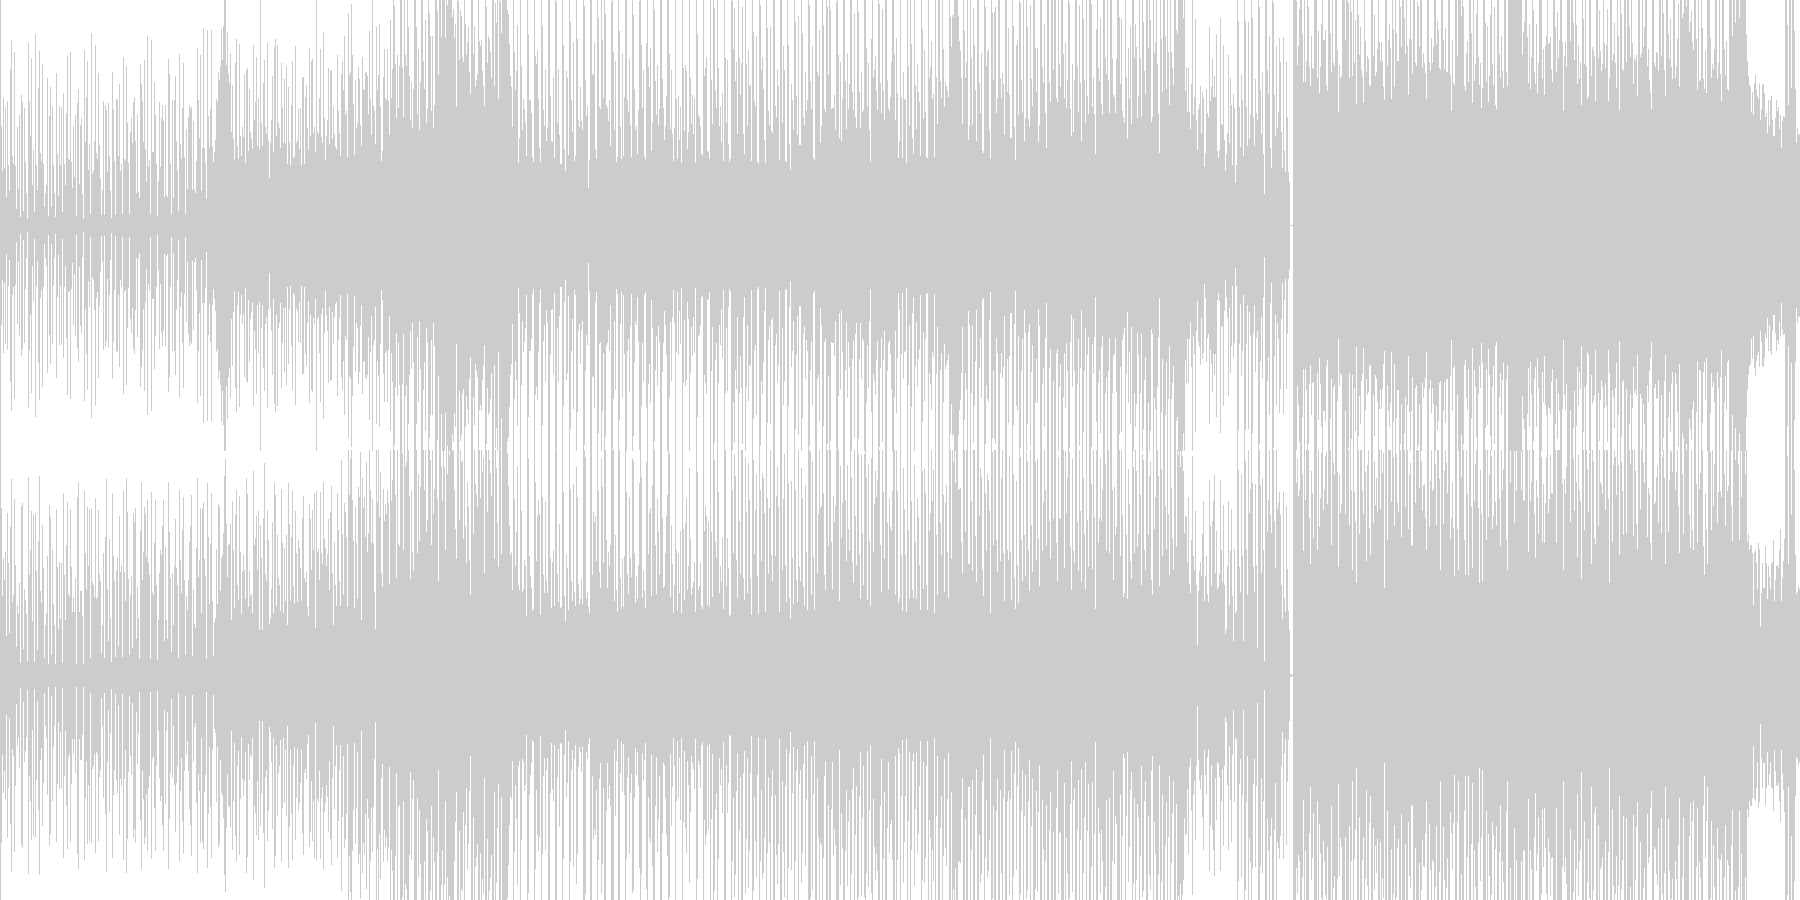 ループ■ピコピコに笛が絡むテクノポップの未再生の波形